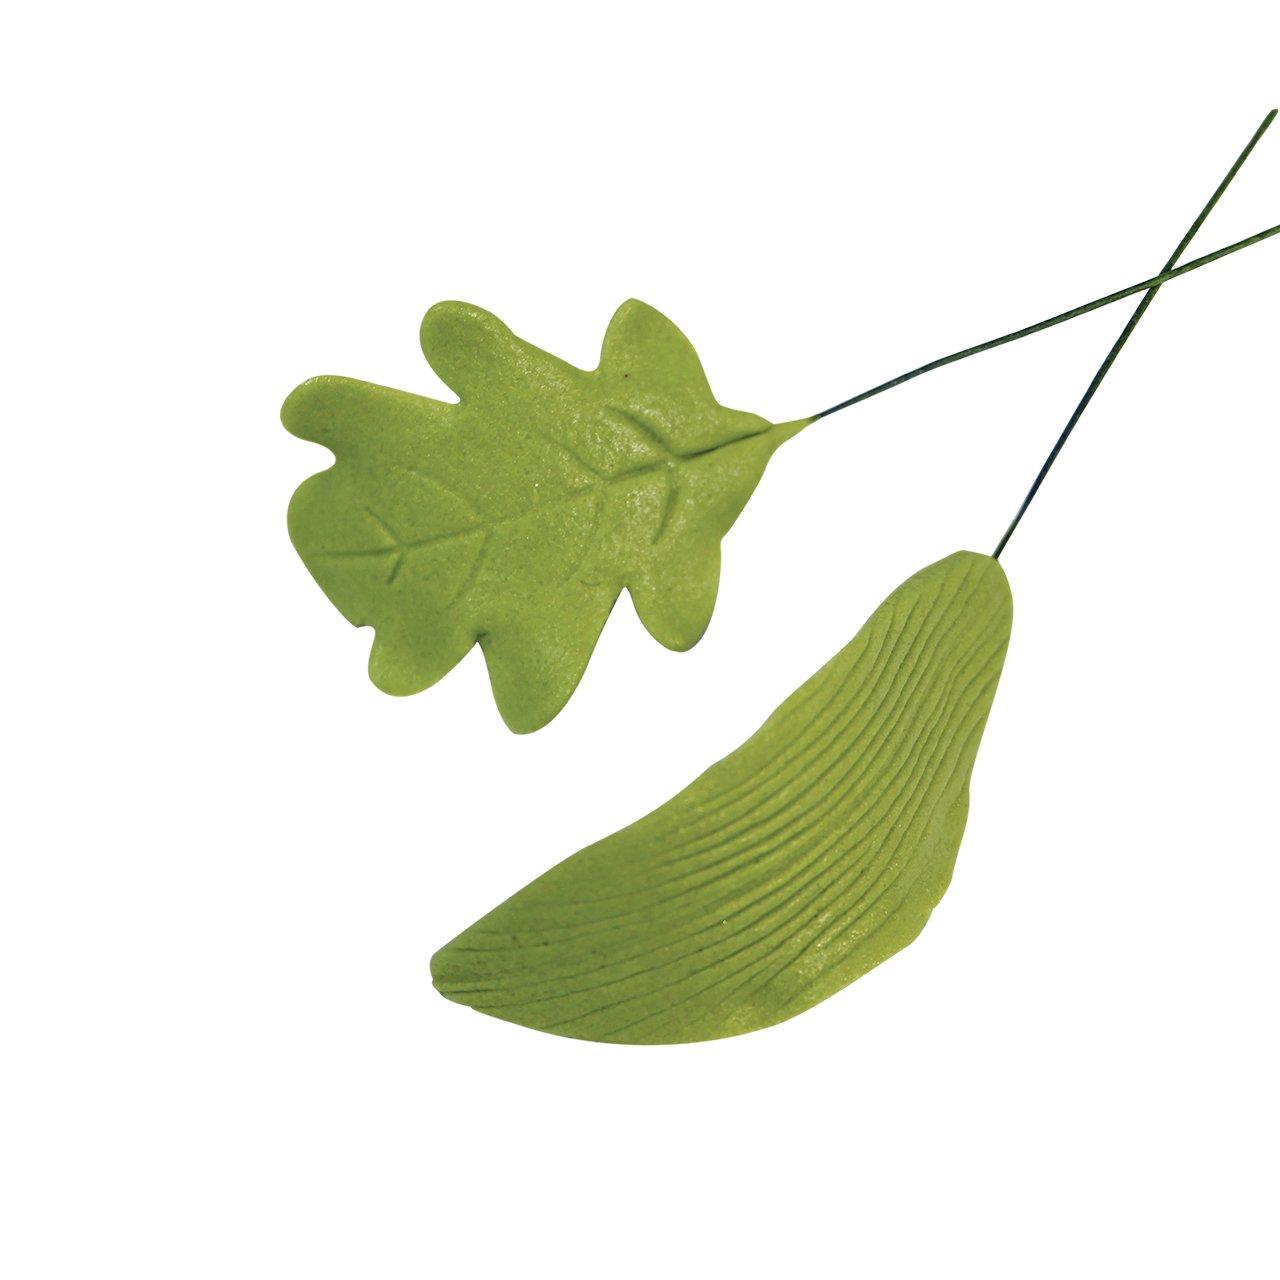 JEM Petal /& Leaf Formers for Sugarcraft Flowers Set of 3